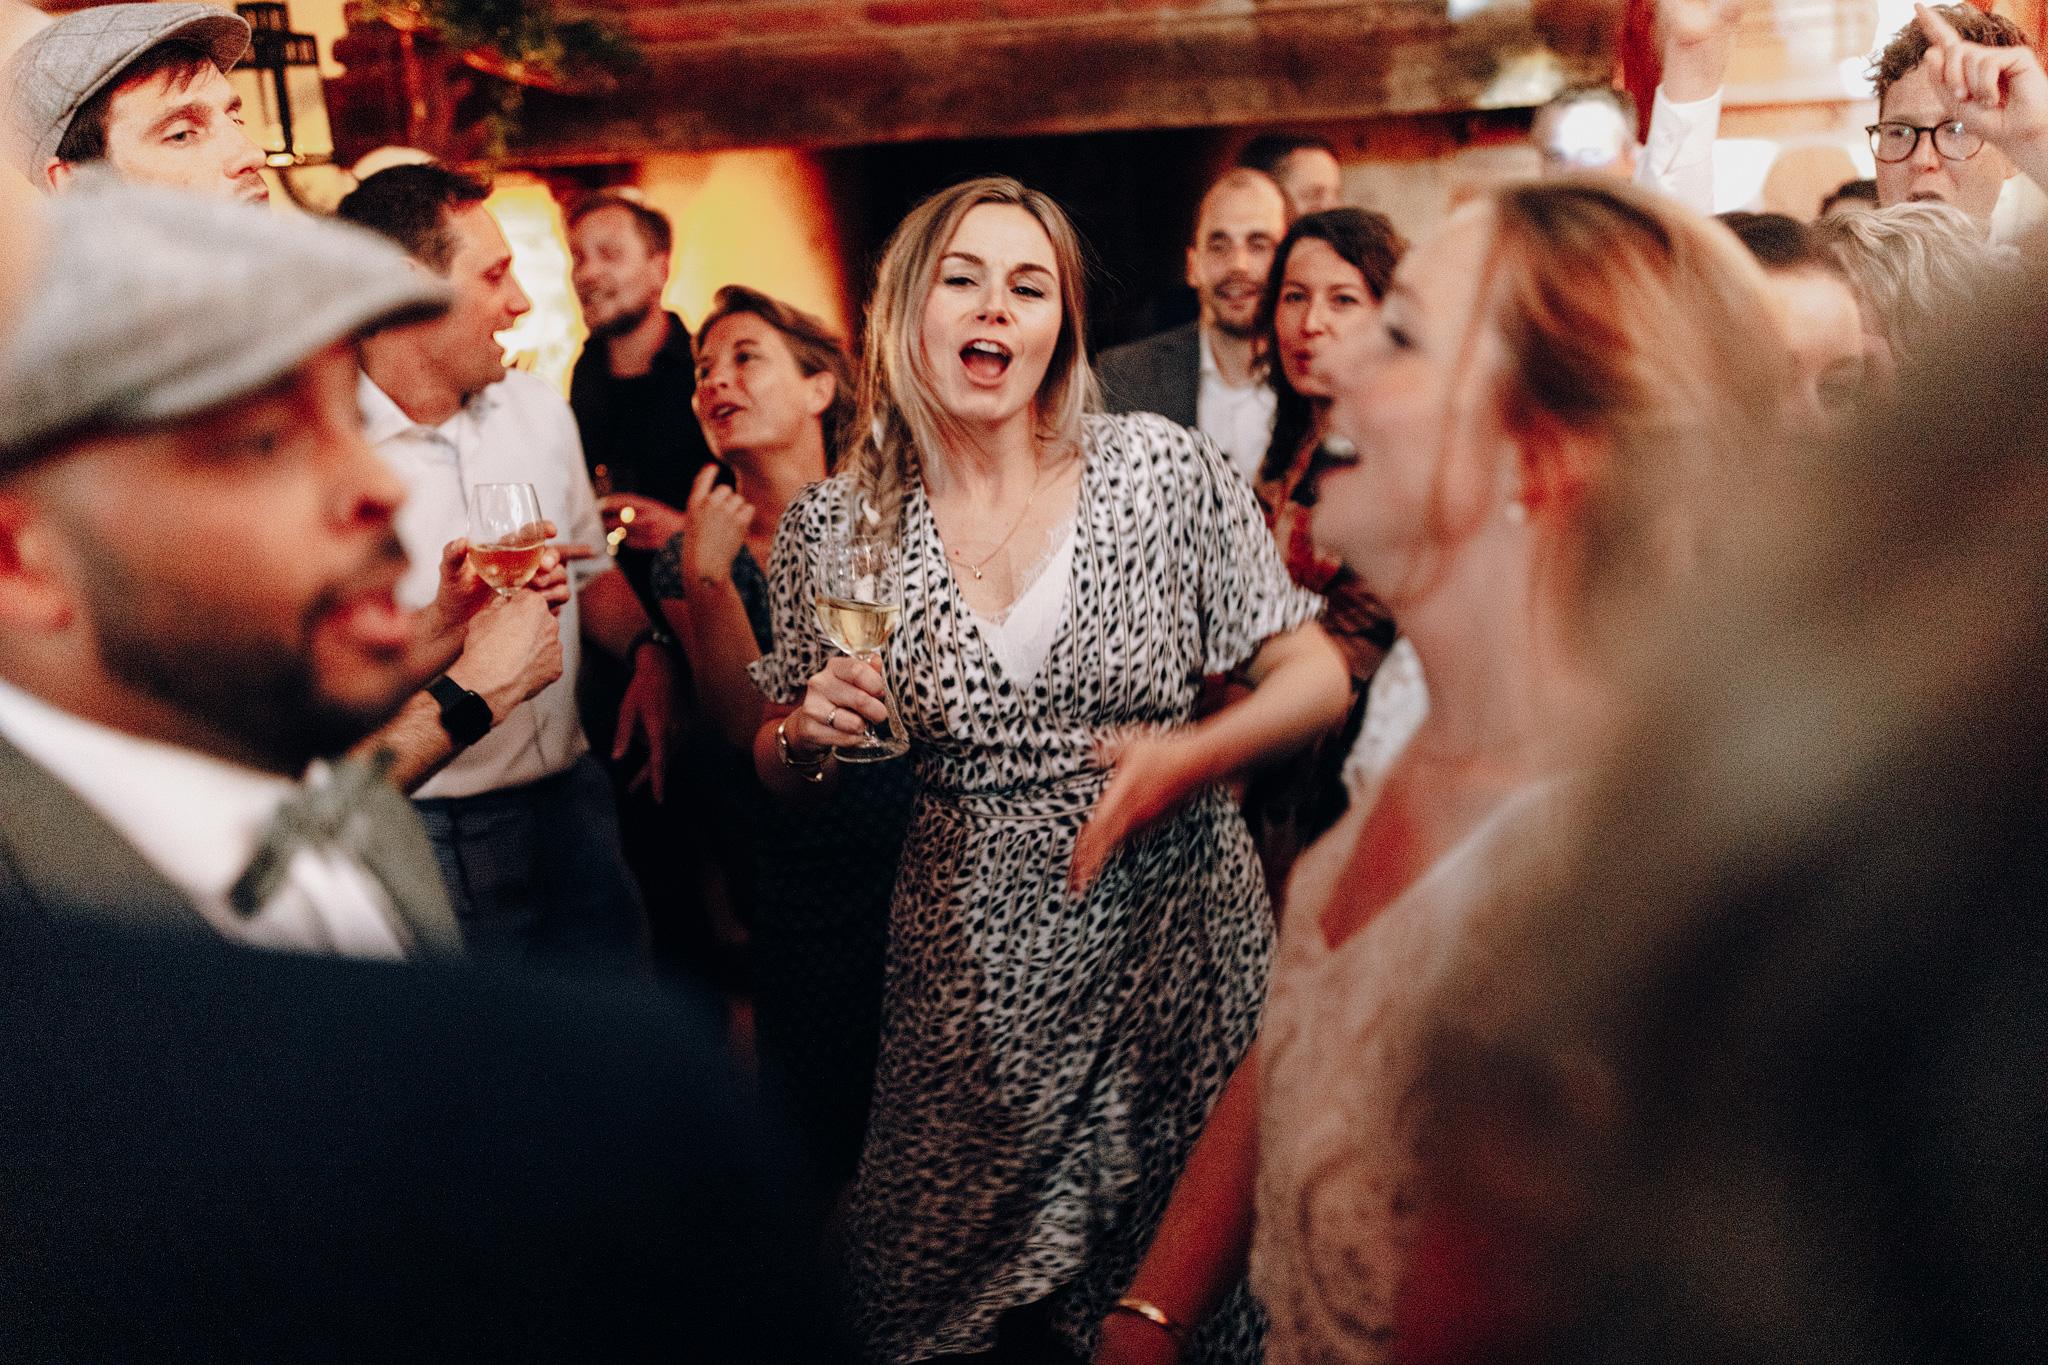 Dansende gasten tijdens feest bij Kloster Graefenthal